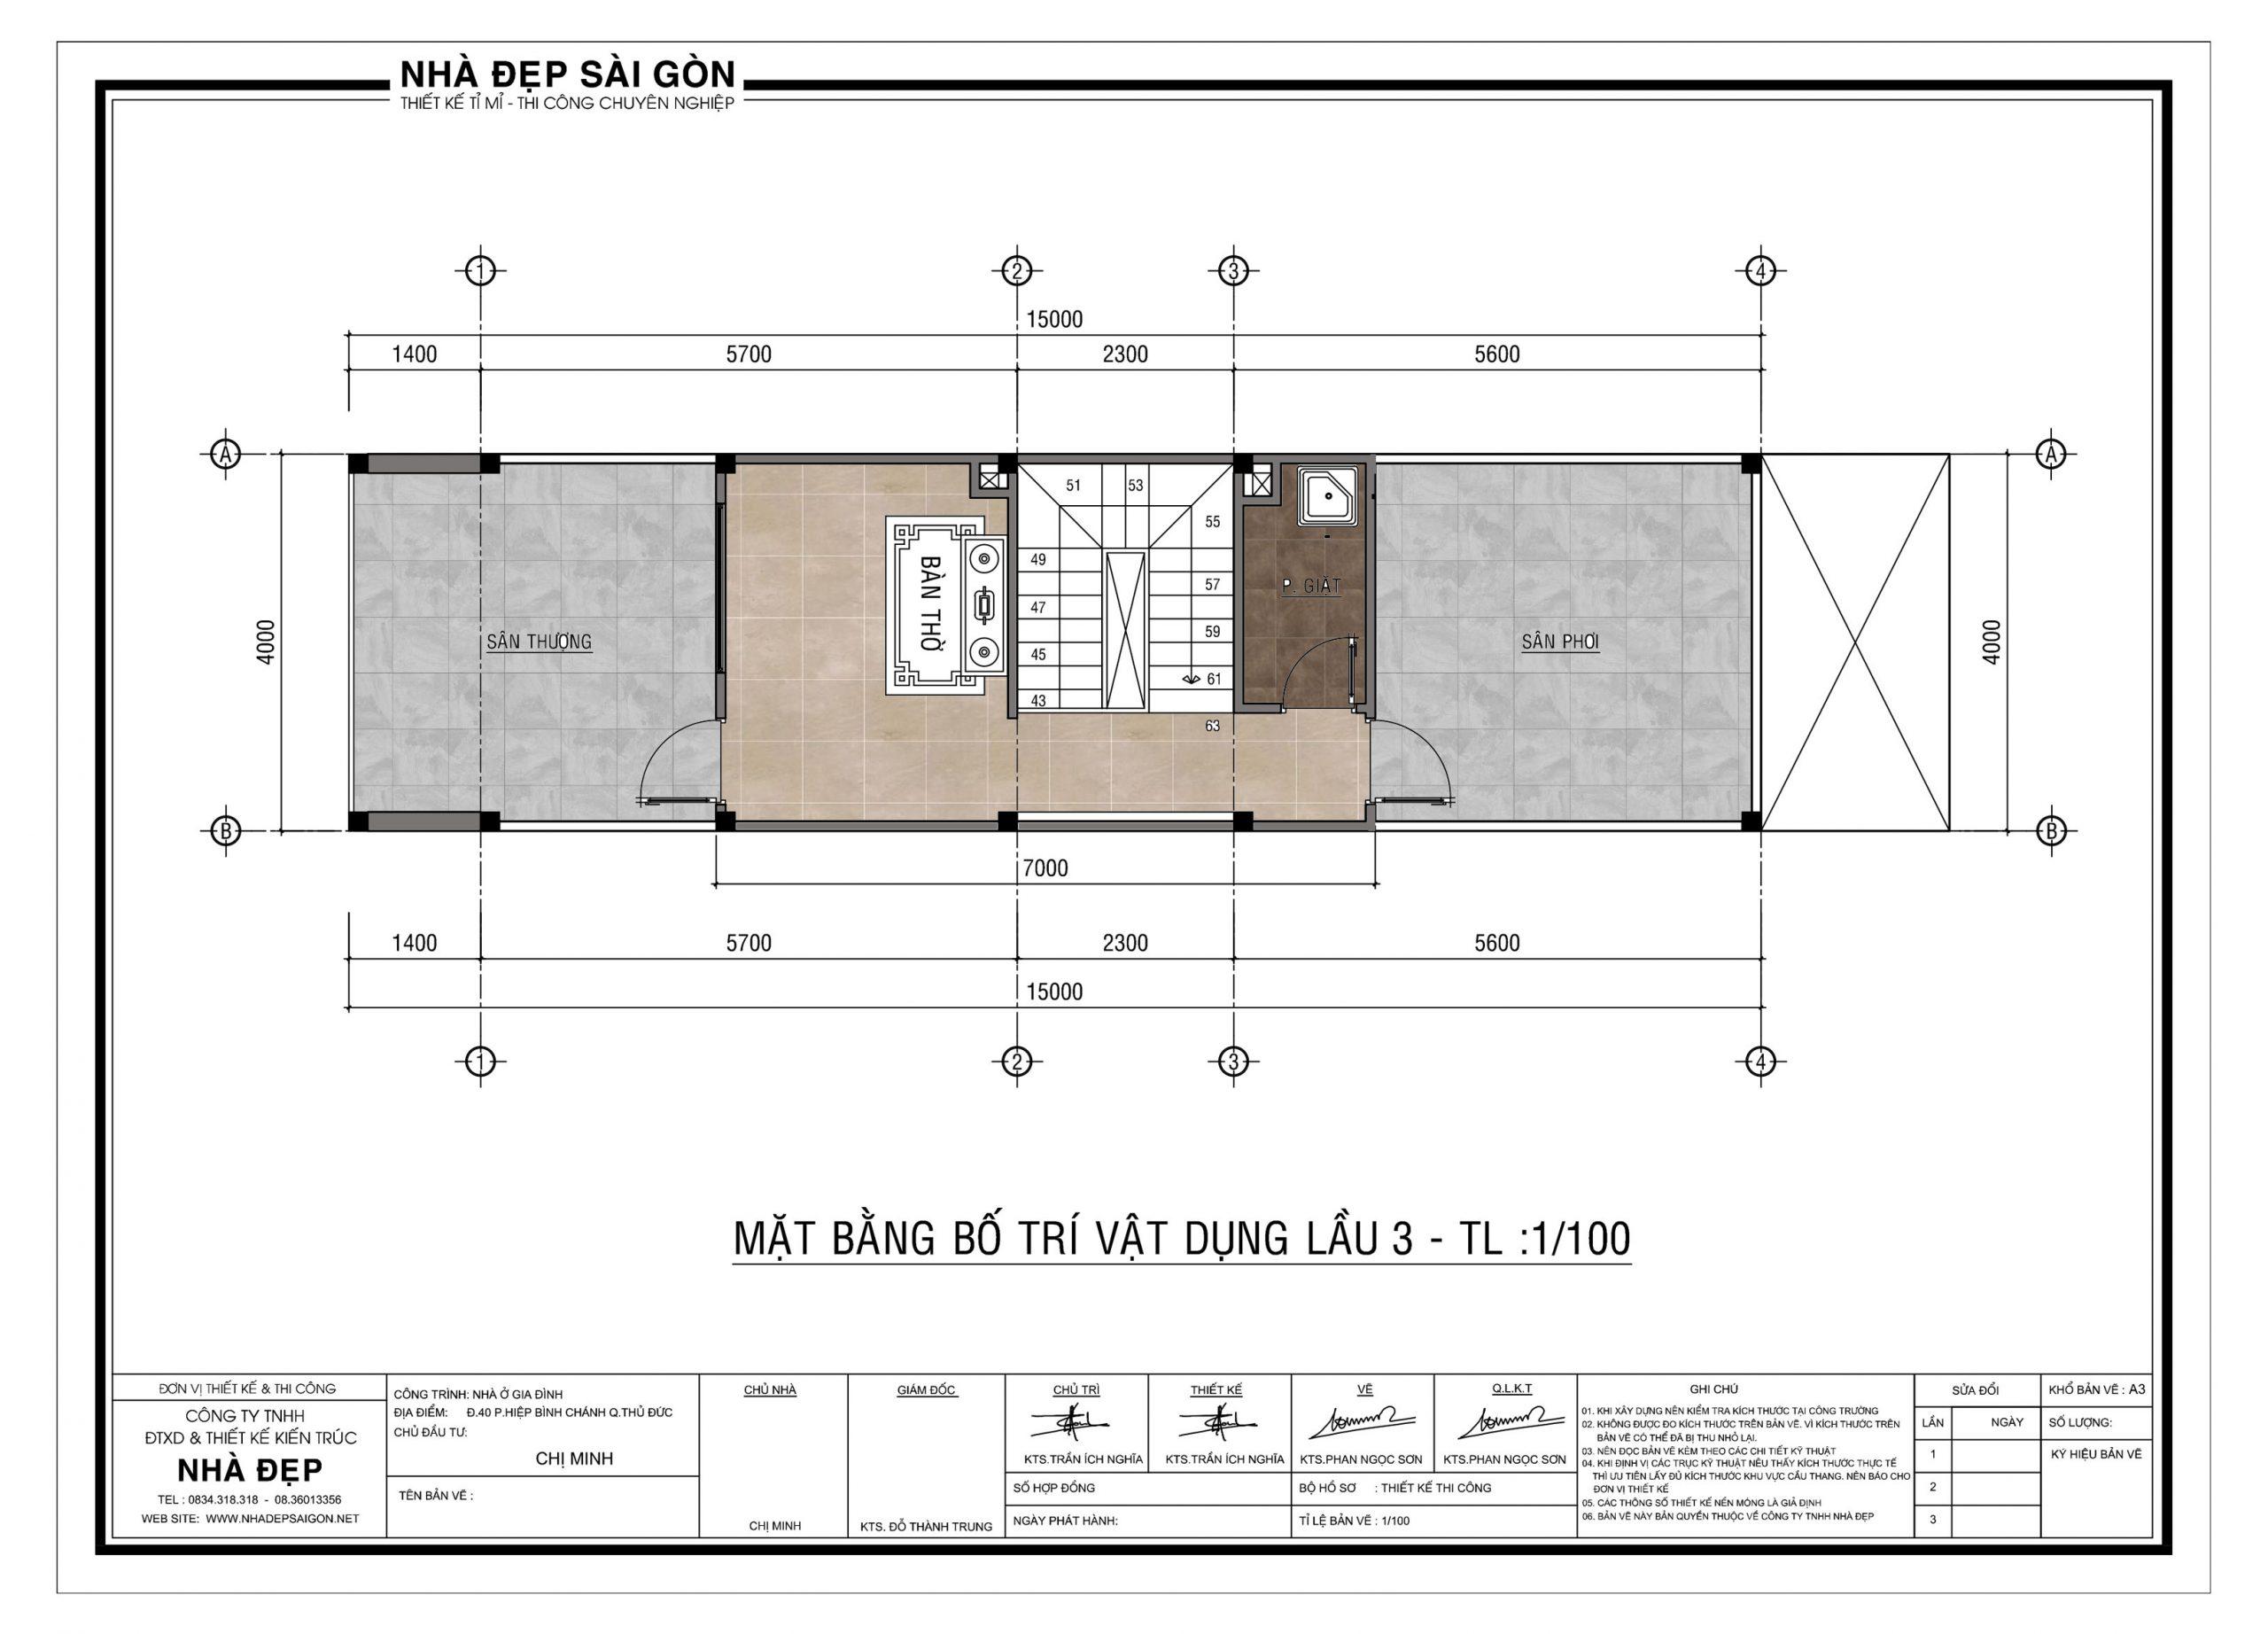 thiết kế nhà phố 4x20 bố trí lầu 3